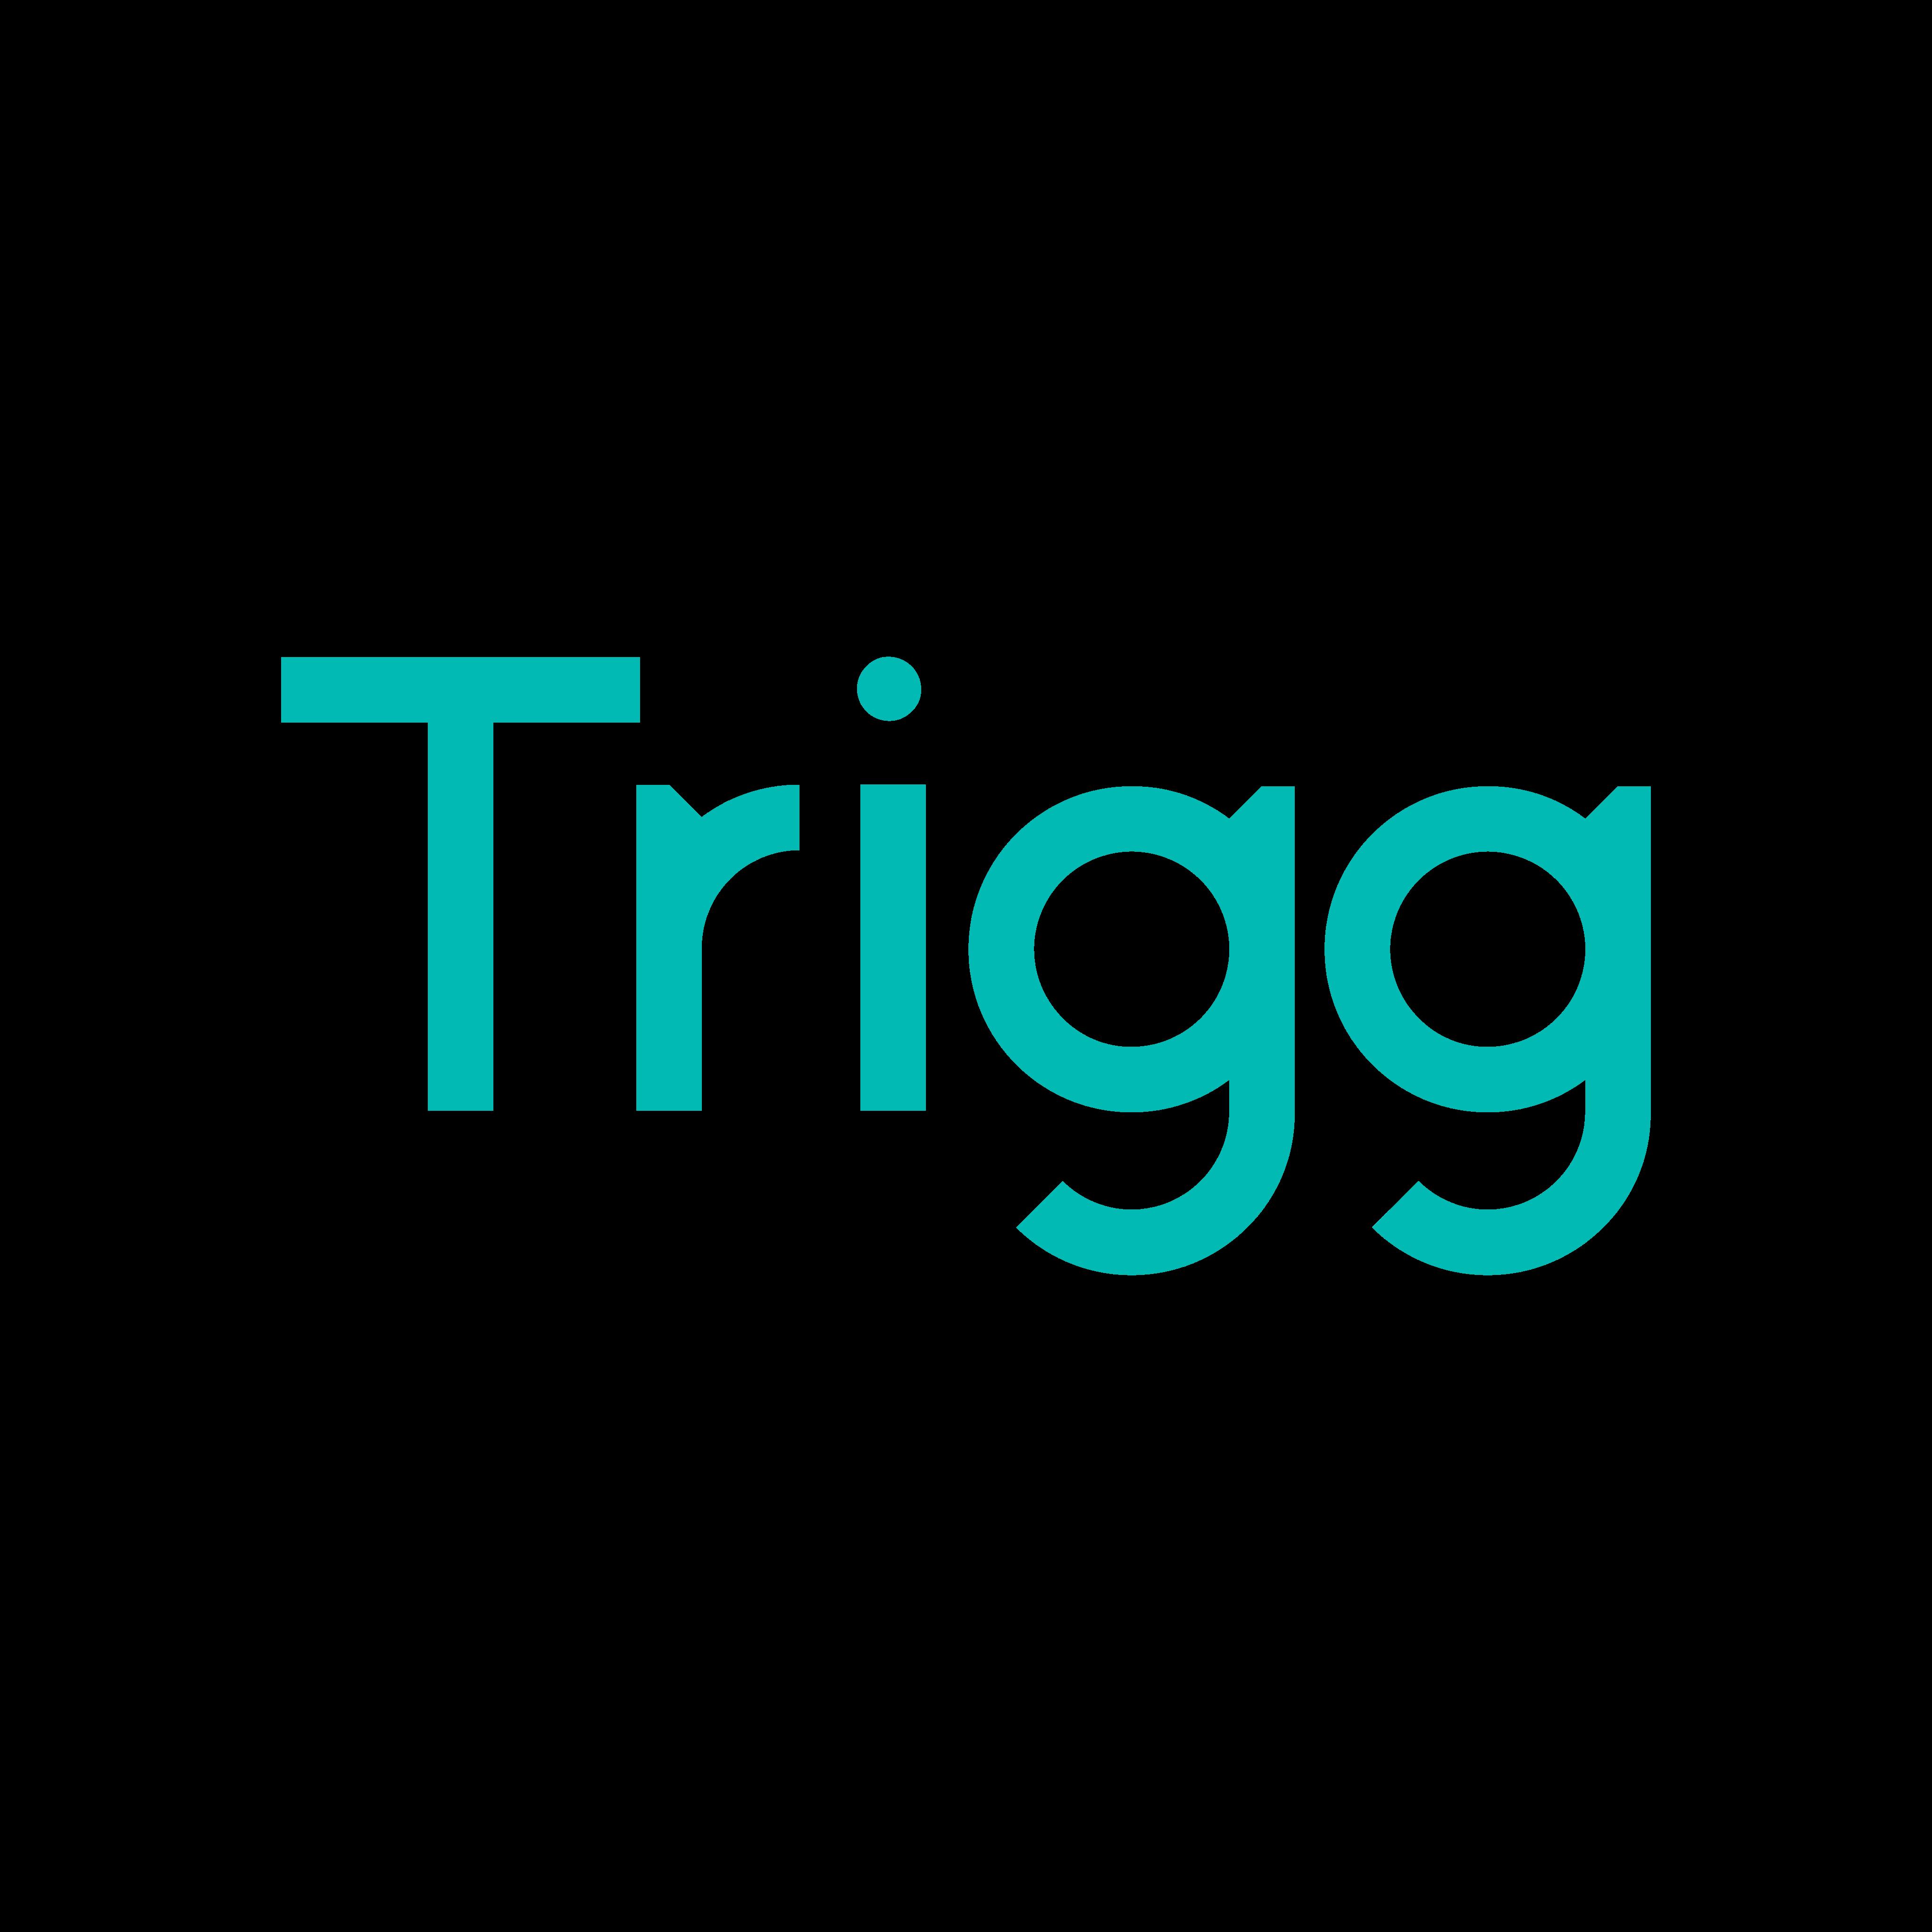 trigg logo 0 - Trigg Logo